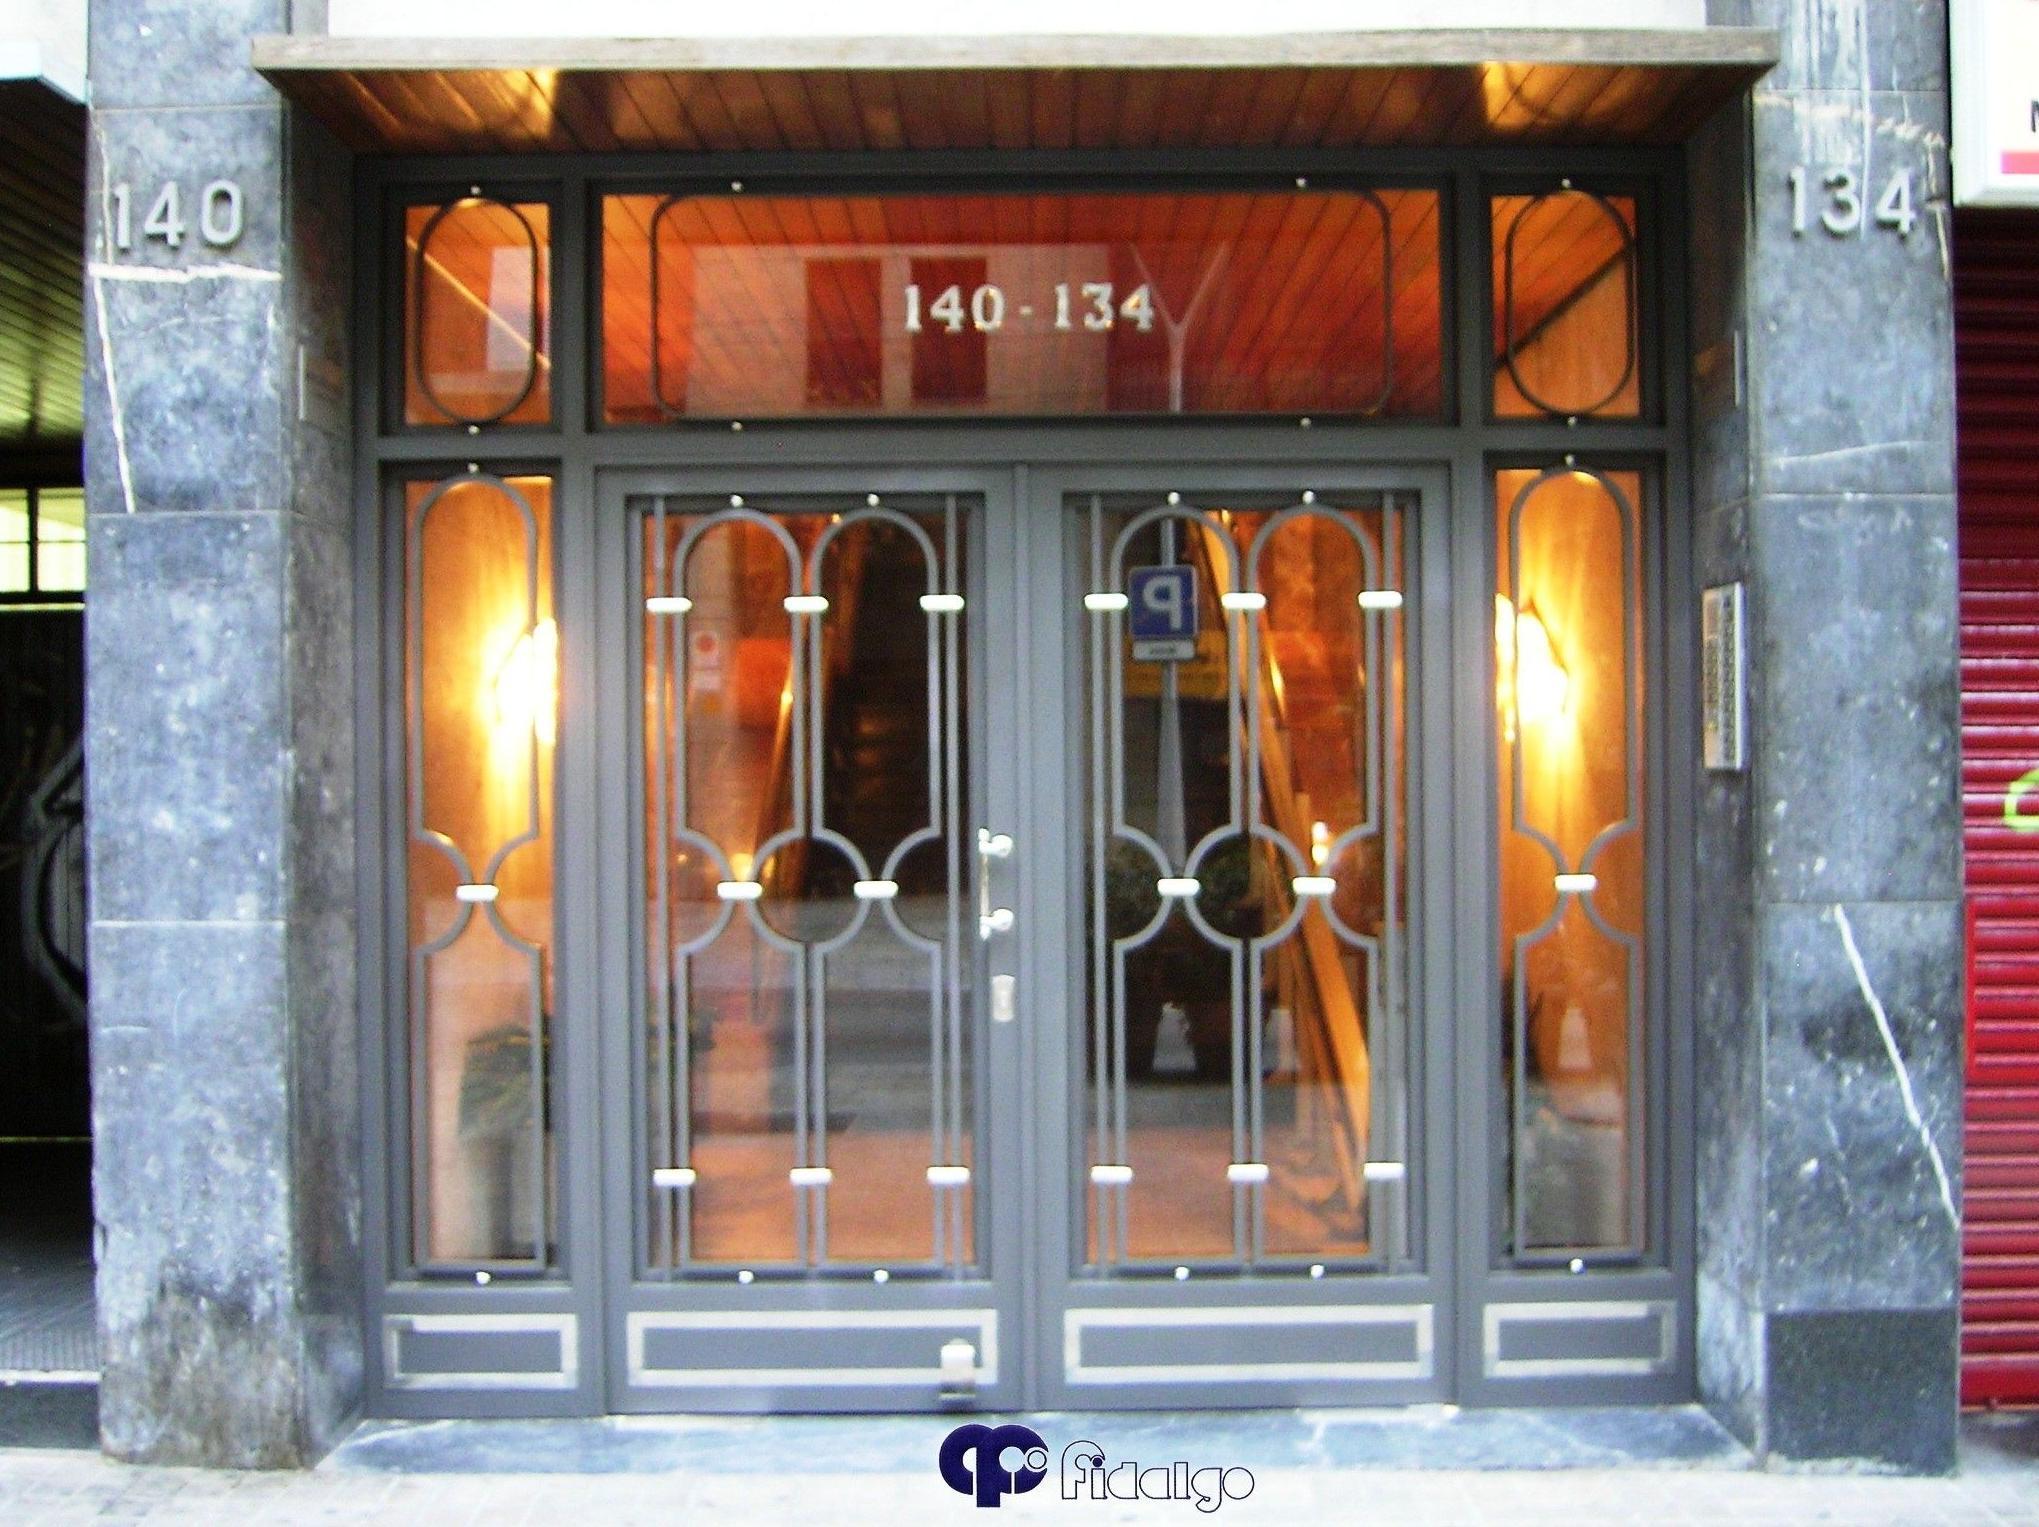 Puertas productos y servicios de forjafid puertas para - Puertas de servicio ...